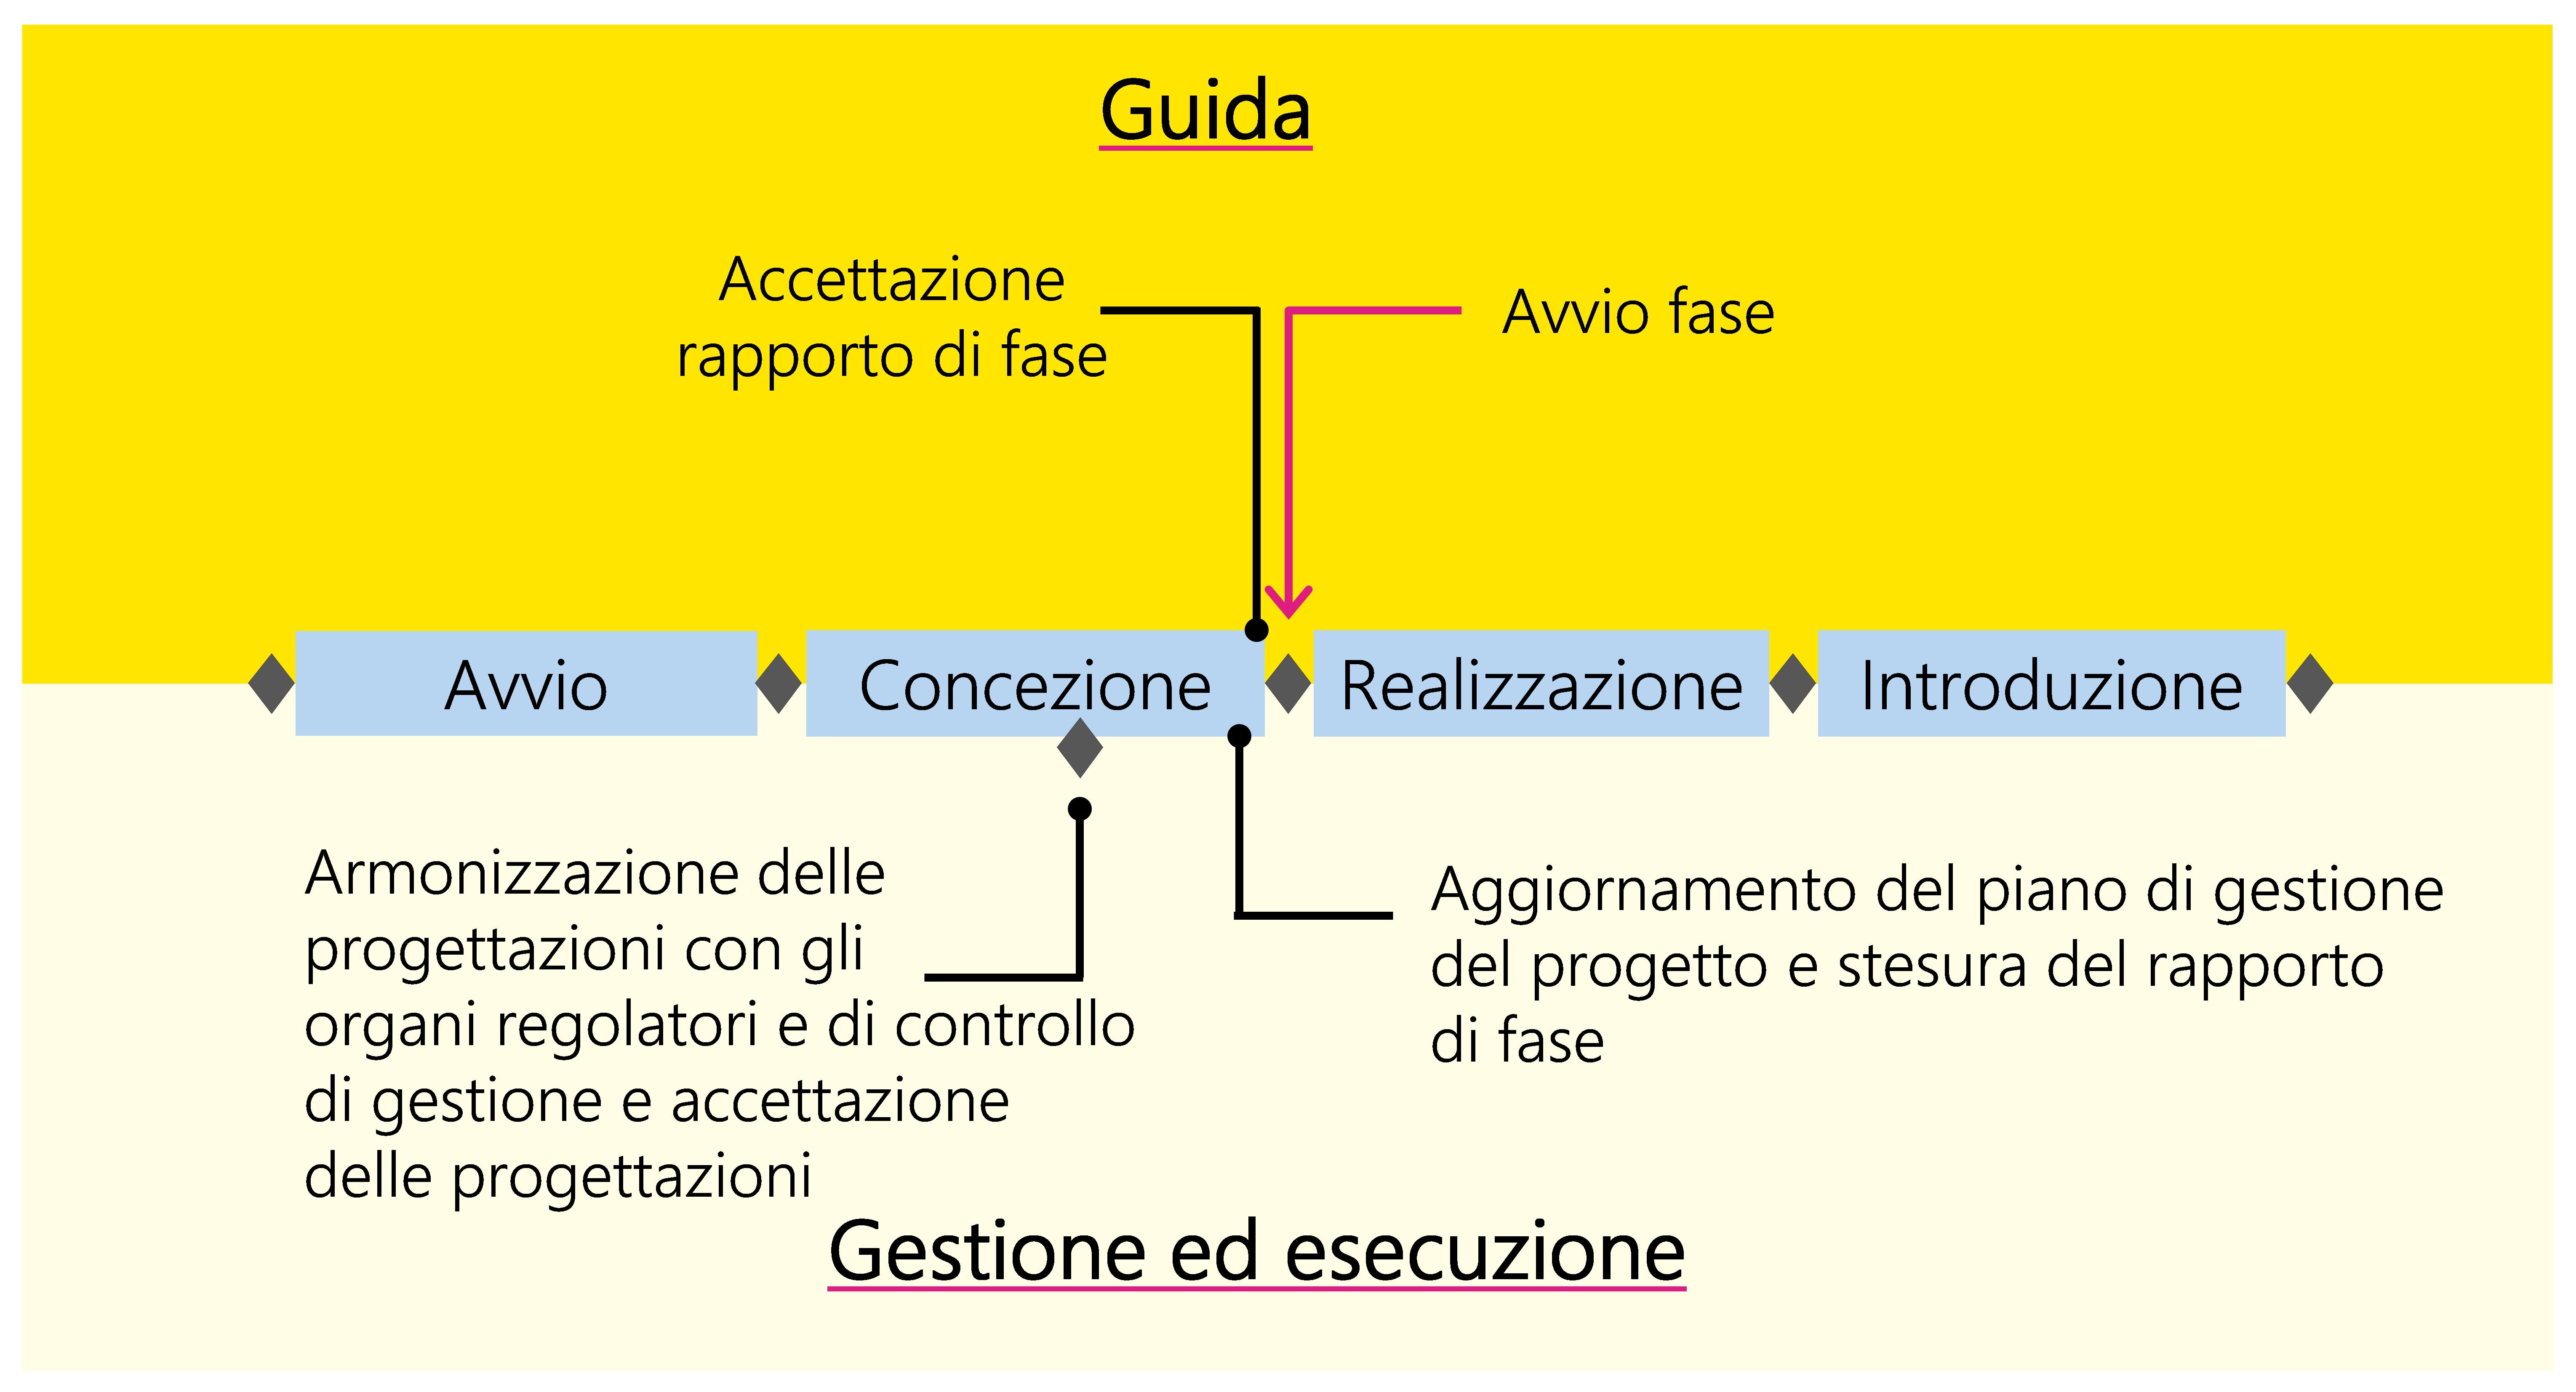 Figura 19: Esempio di processo decisionale tipico